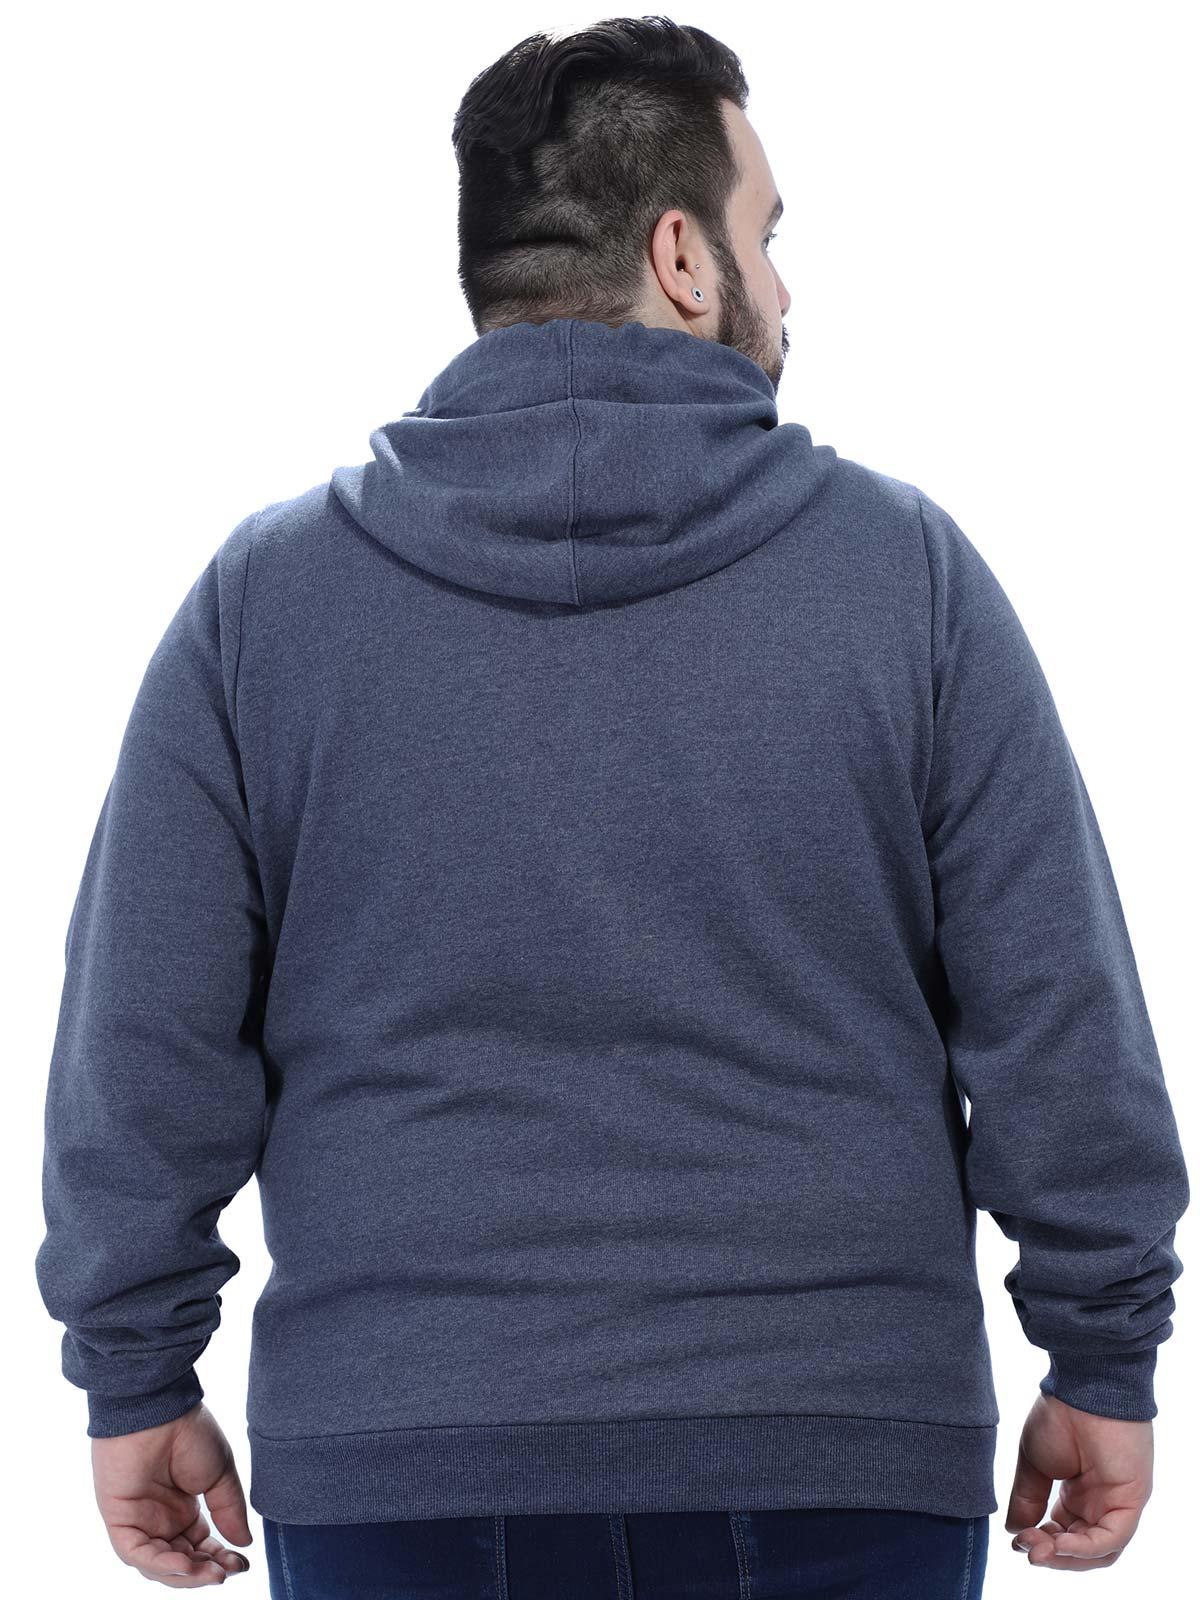 Jaqueta Plus Size Masculino de Moletom Bolso Cangurú Anistia Azul Marinho